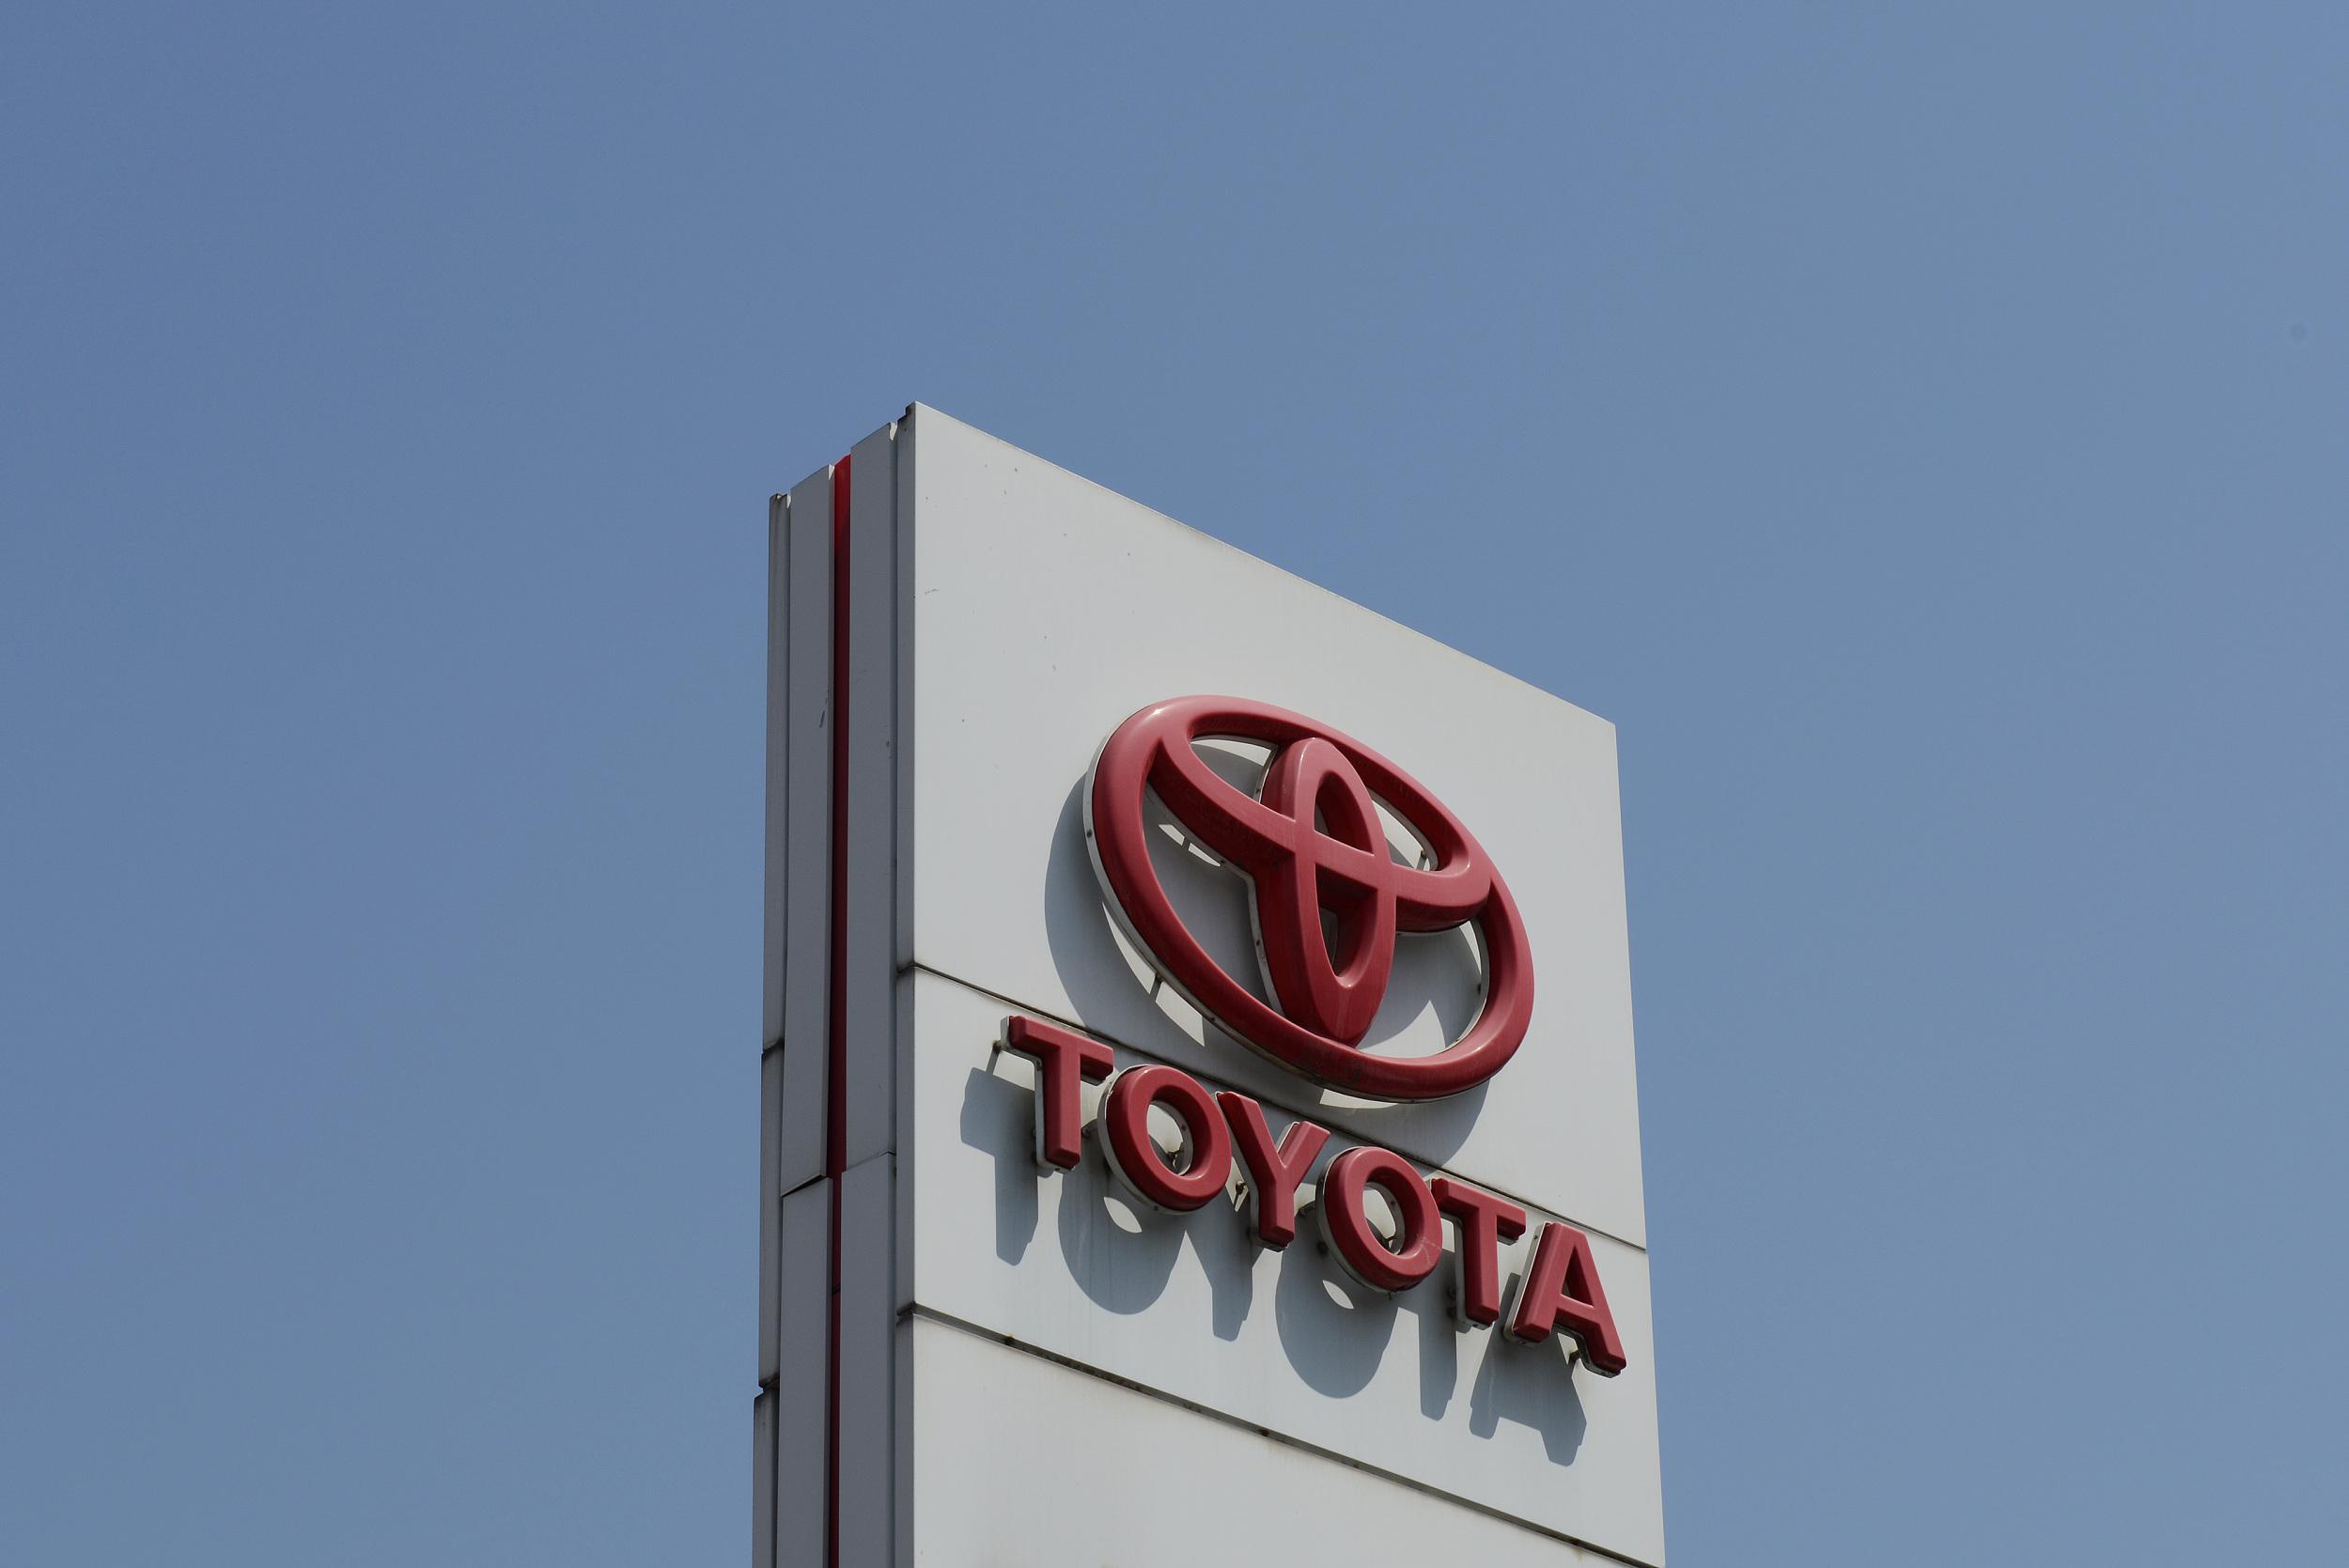 既要燃料电池又要锂电池?丰田将投90亿美元建造电池厂